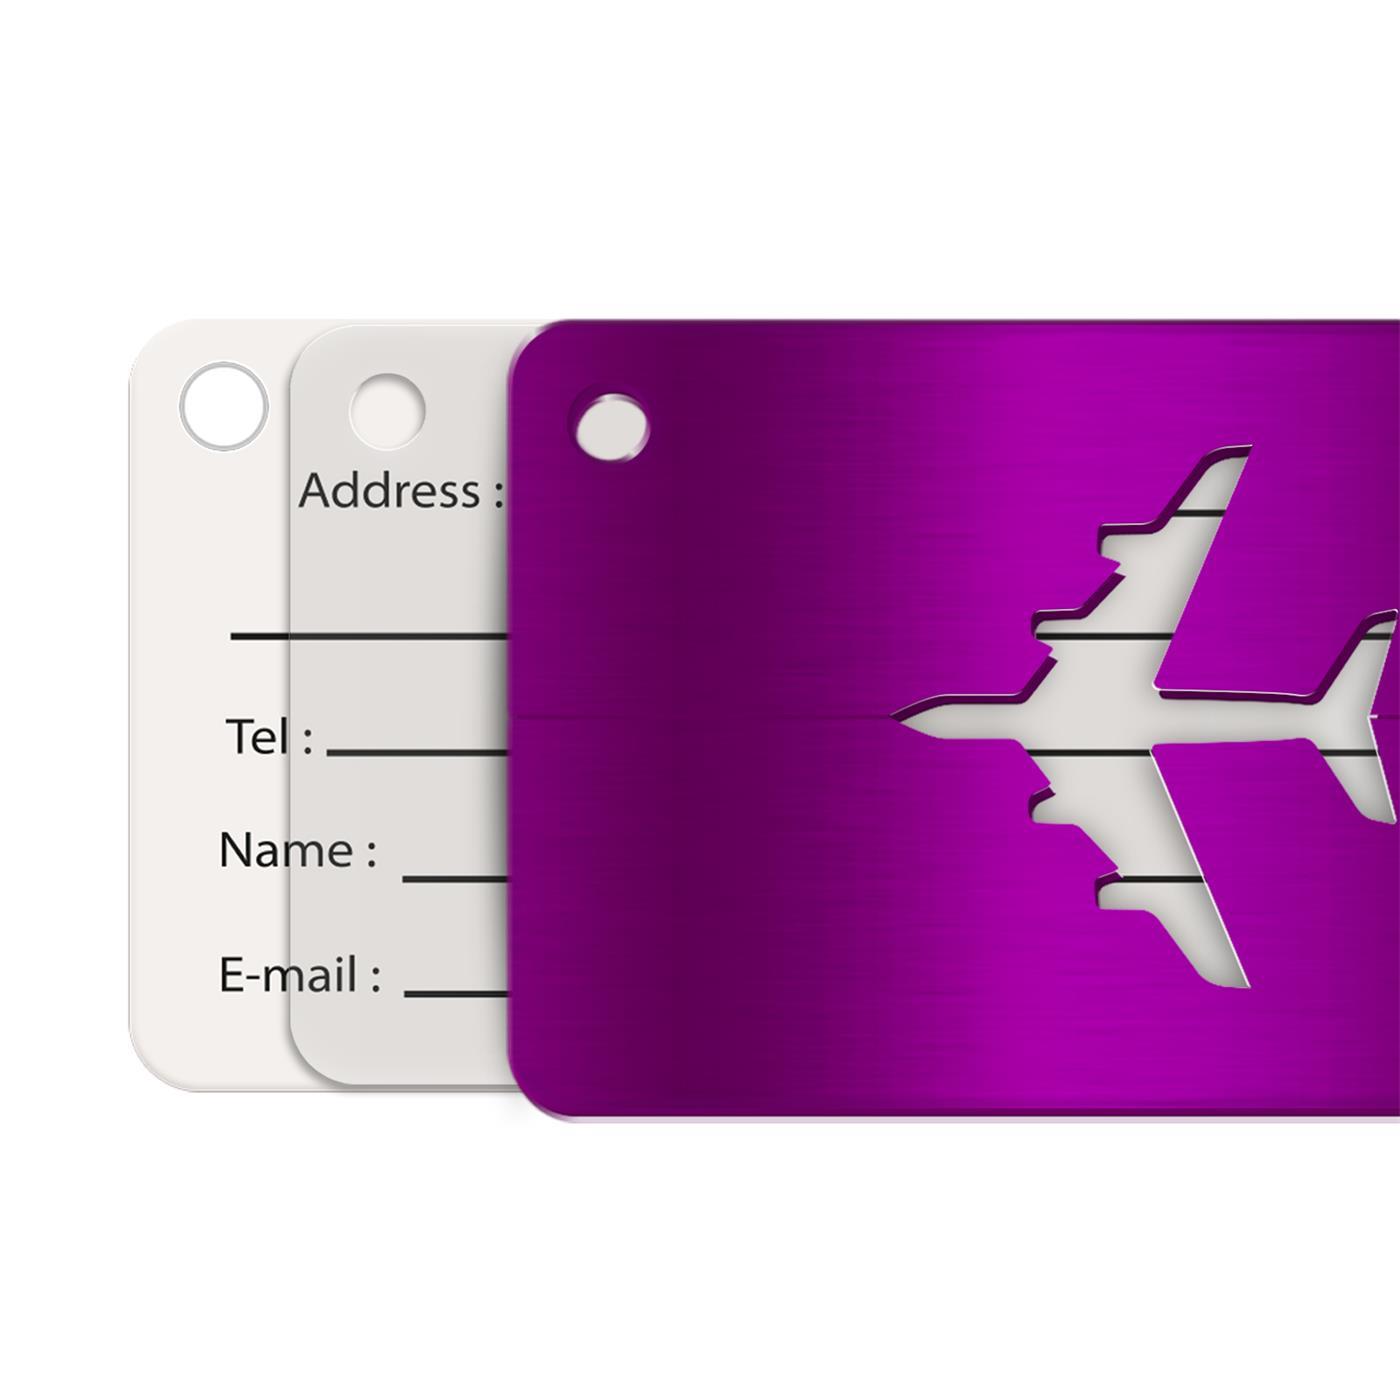 Reise-Kofferanhaenger-Namensschild-Gepaeck-Anhaenger-Schild-Urlaub-Flugzeug-Trolley Indexbild 26